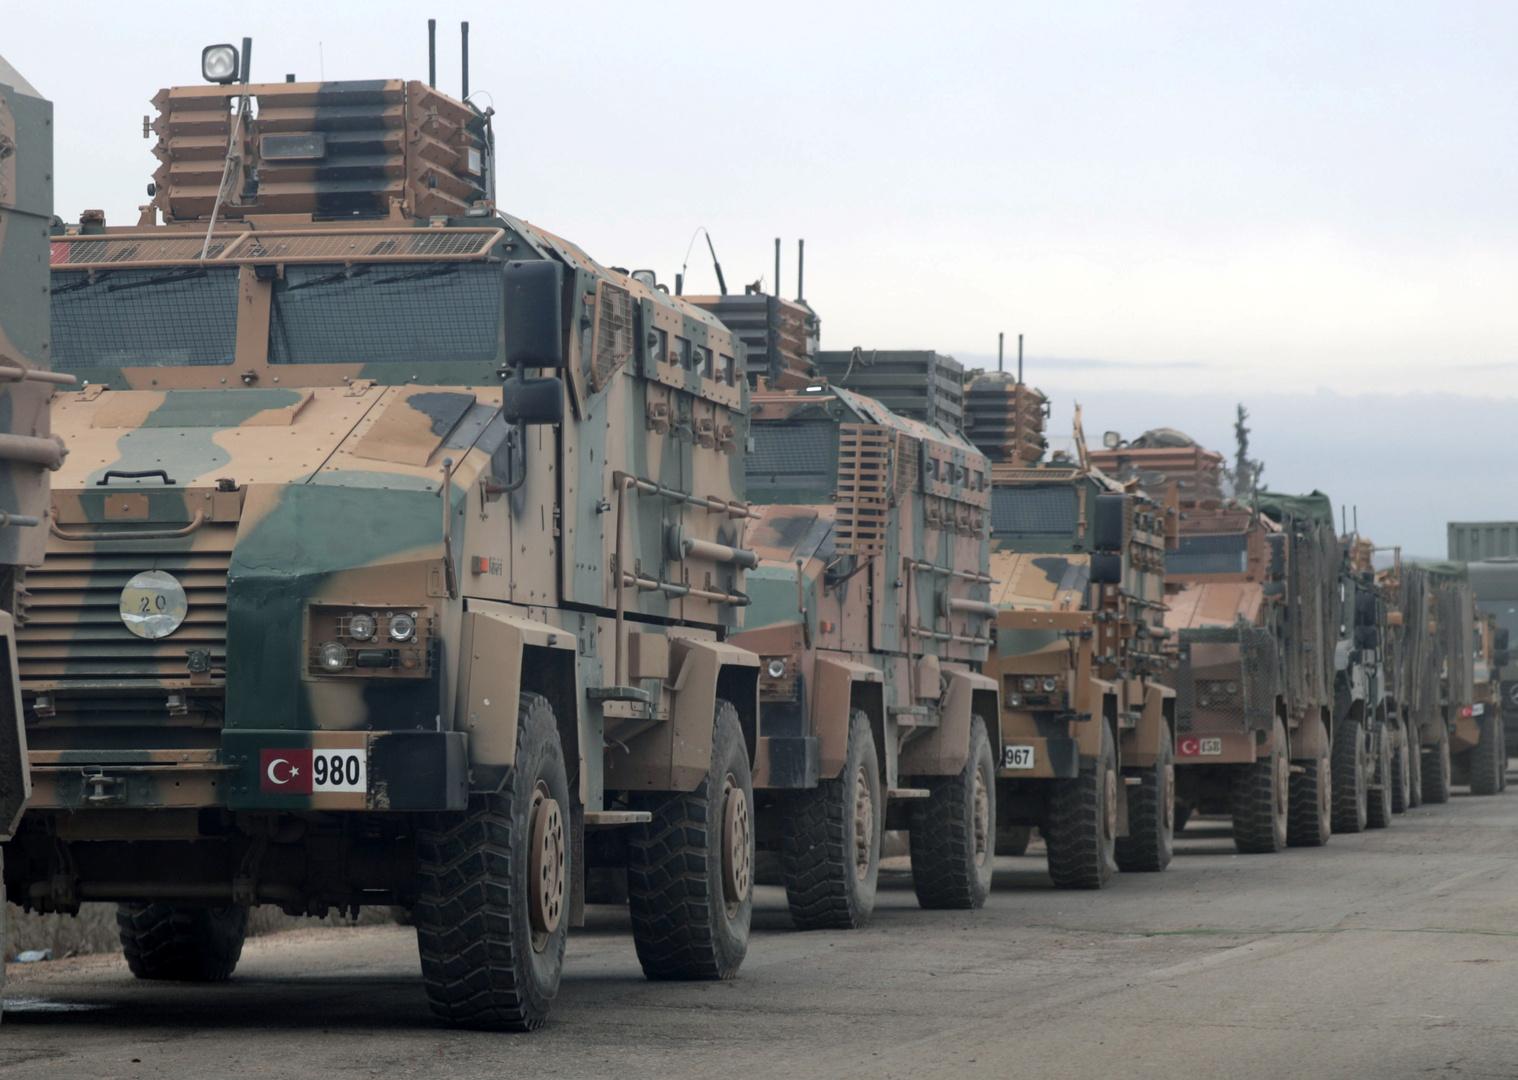 عربات عسكرية تركية في محافظة إدلب السورية.